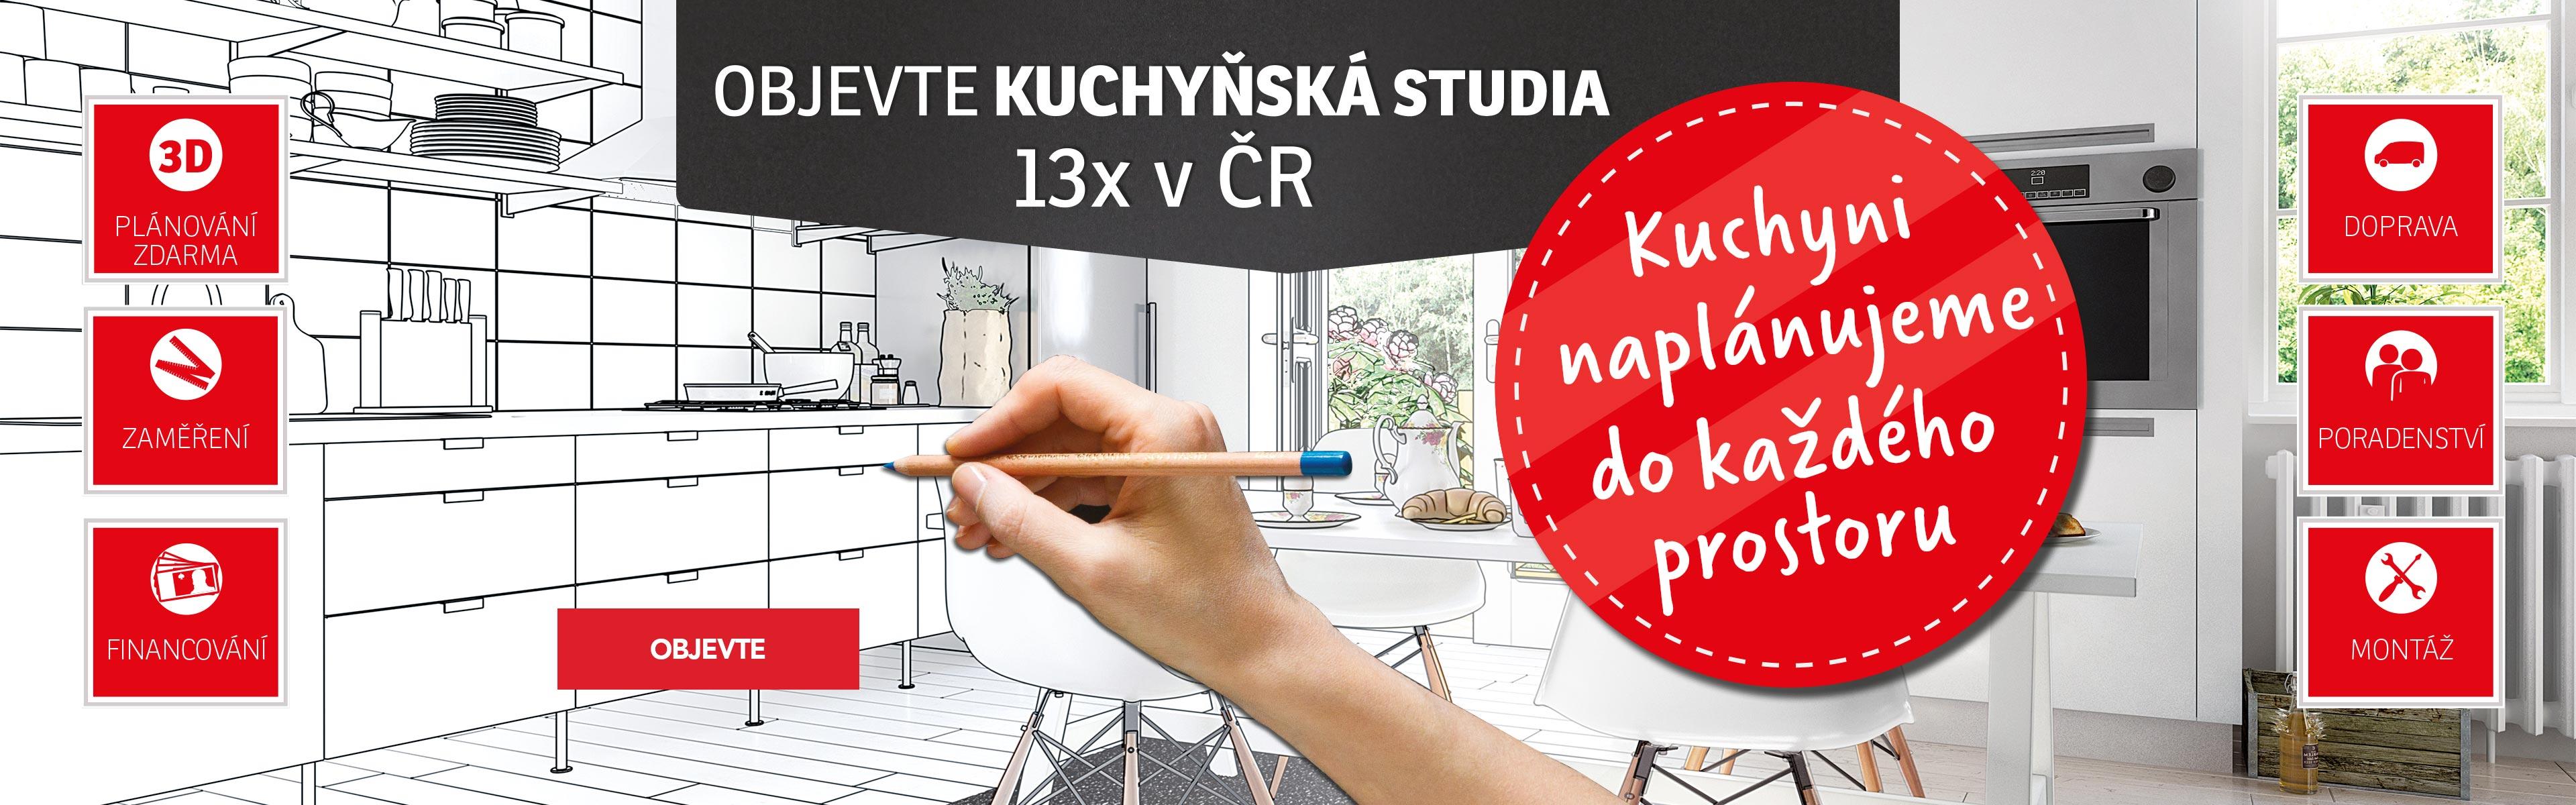 Kuchyne-do-kazdeho-prostoru-listopad-2019